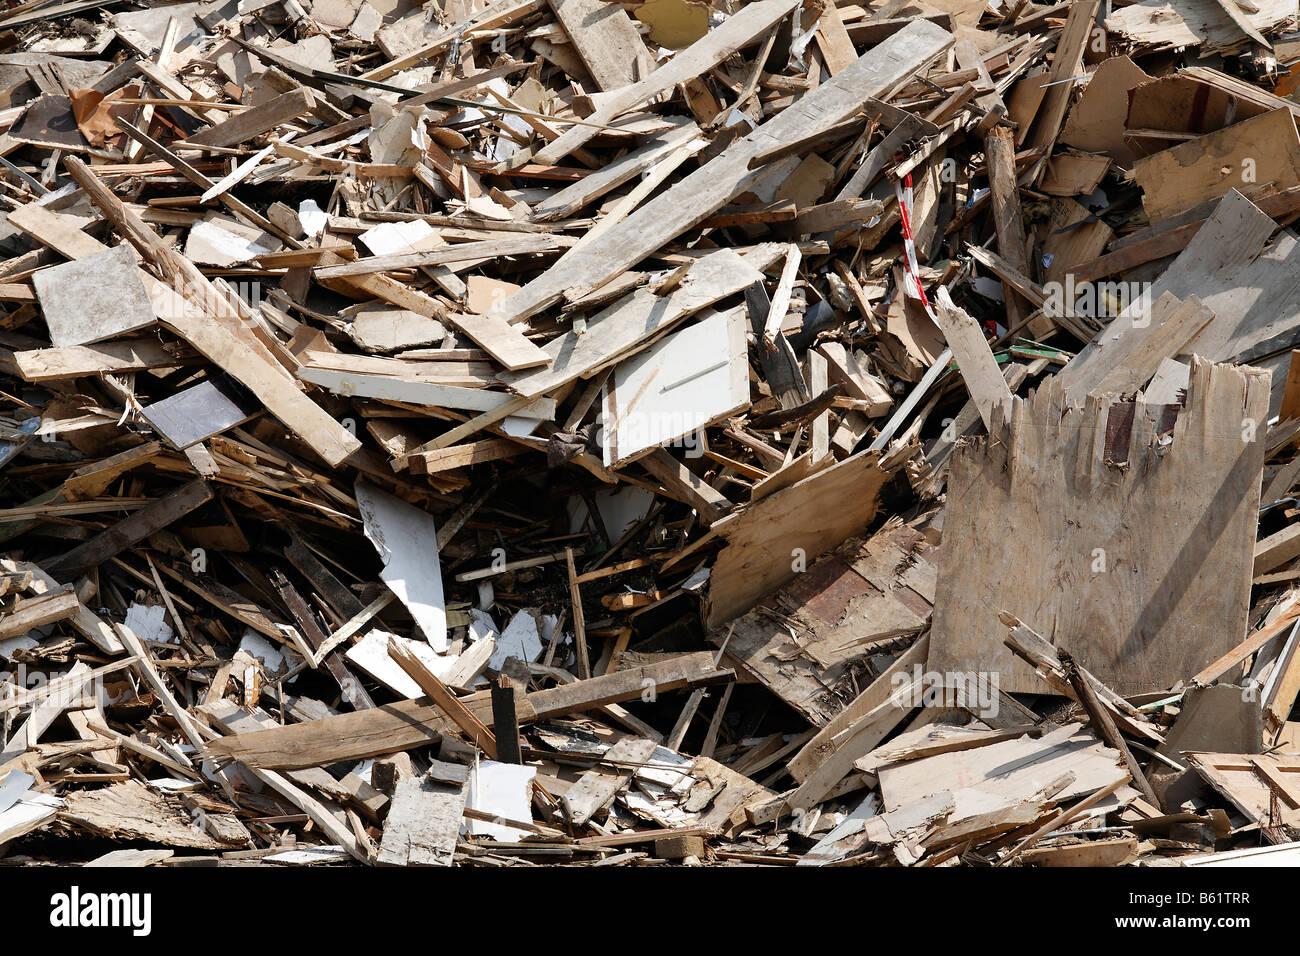 Stockpile of waste timber, timber recycling, Krefeld-Uerdingen, North Rhine-Westphalia, Germany, Europe - Stock Image